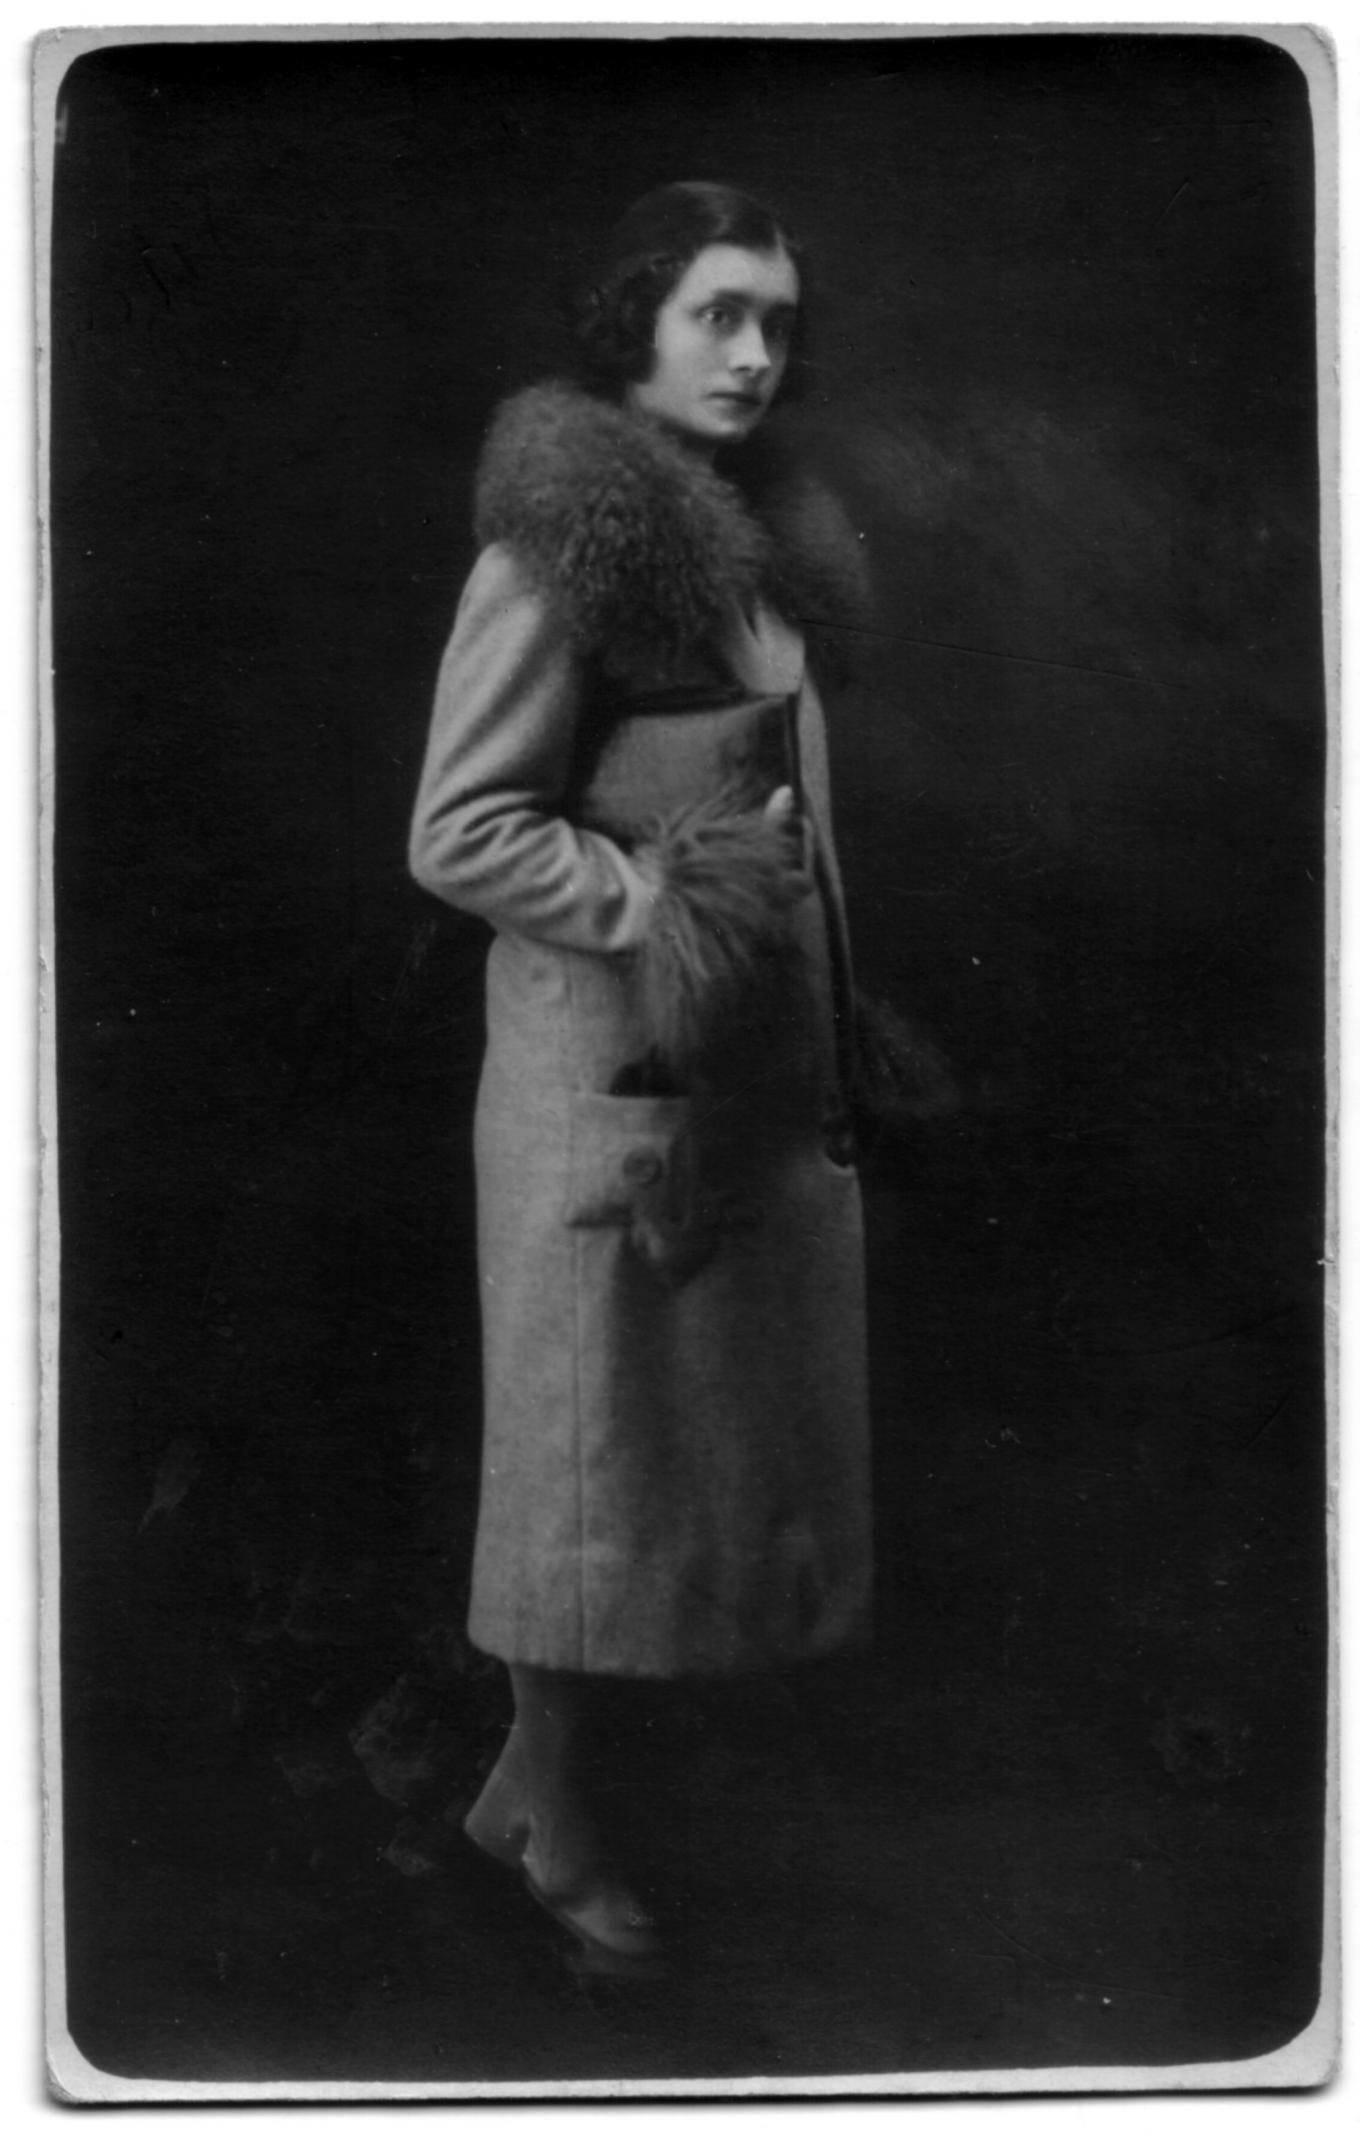 File:Amalia Mugnai on furry coat, full figure.jpg - Wikimedia Commons